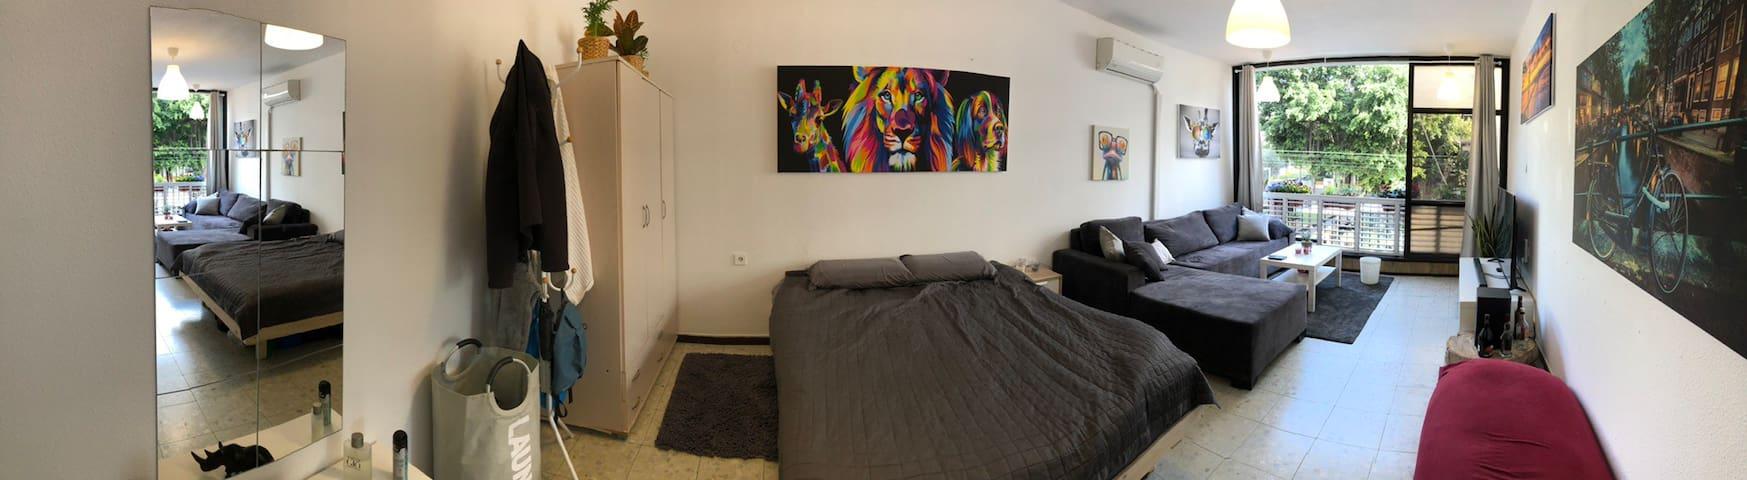 חדר עצום עם סלון פרטי וכל מה שצריך בלב תל אביב